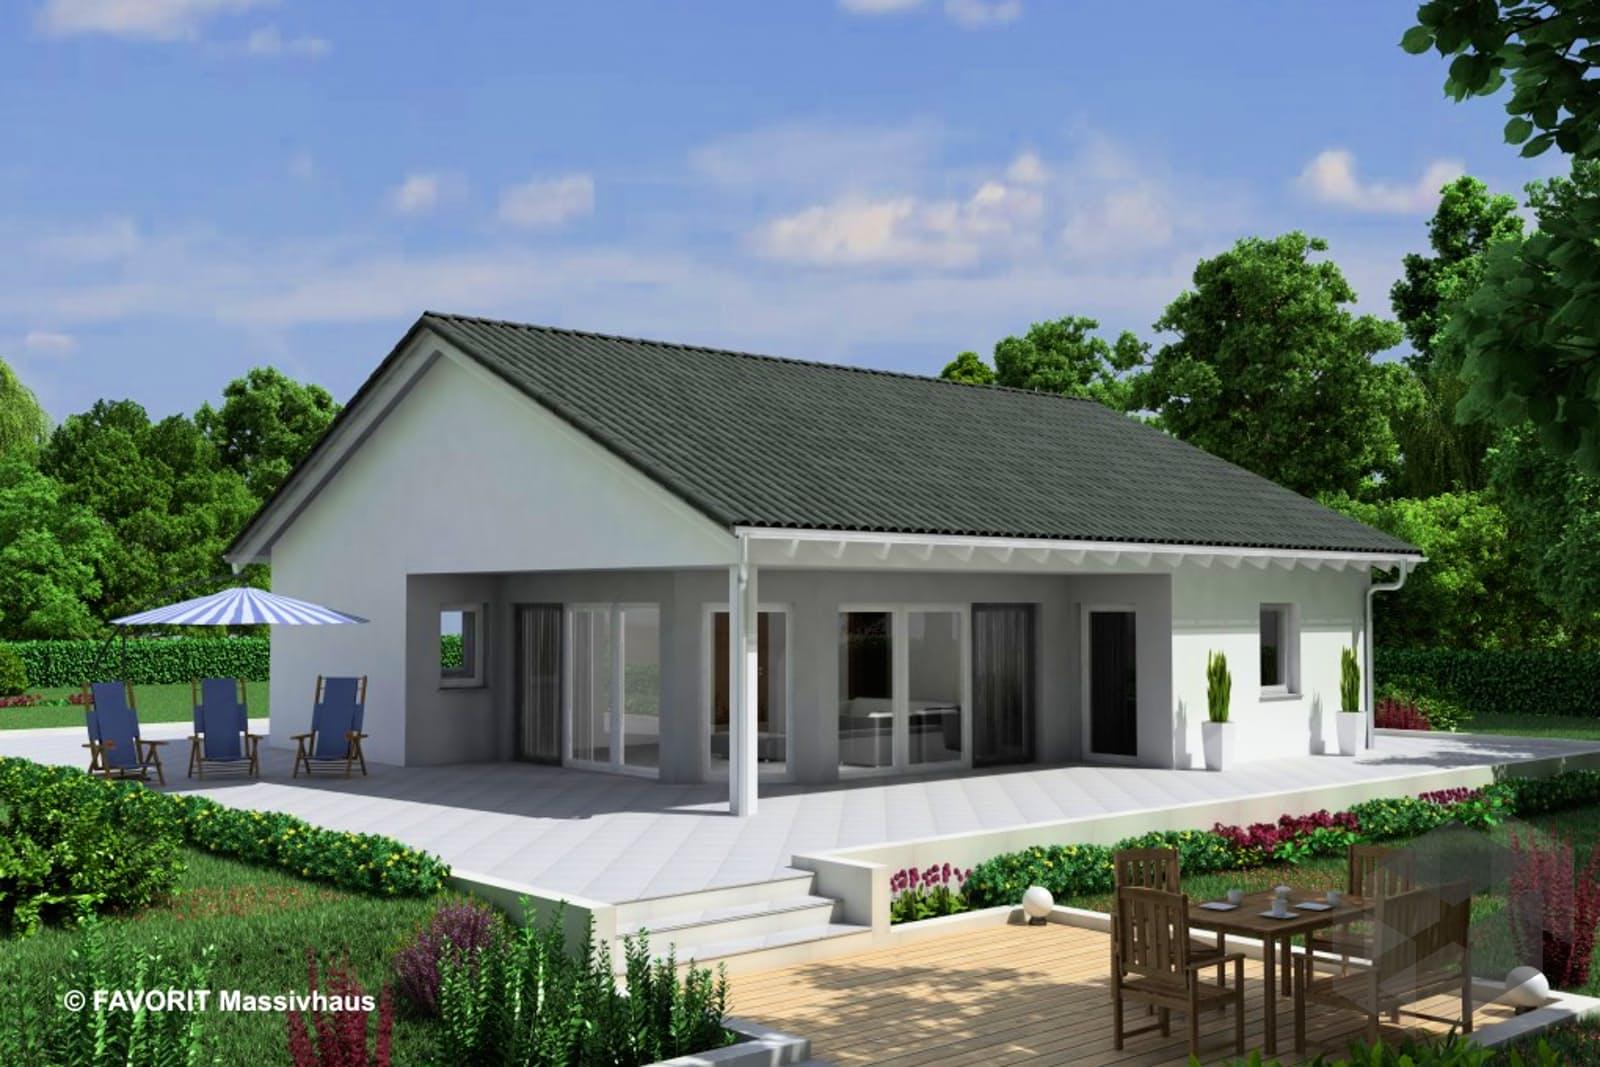 chalet 91 von favorit massivhaus komplette daten bersicht. Black Bedroom Furniture Sets. Home Design Ideas